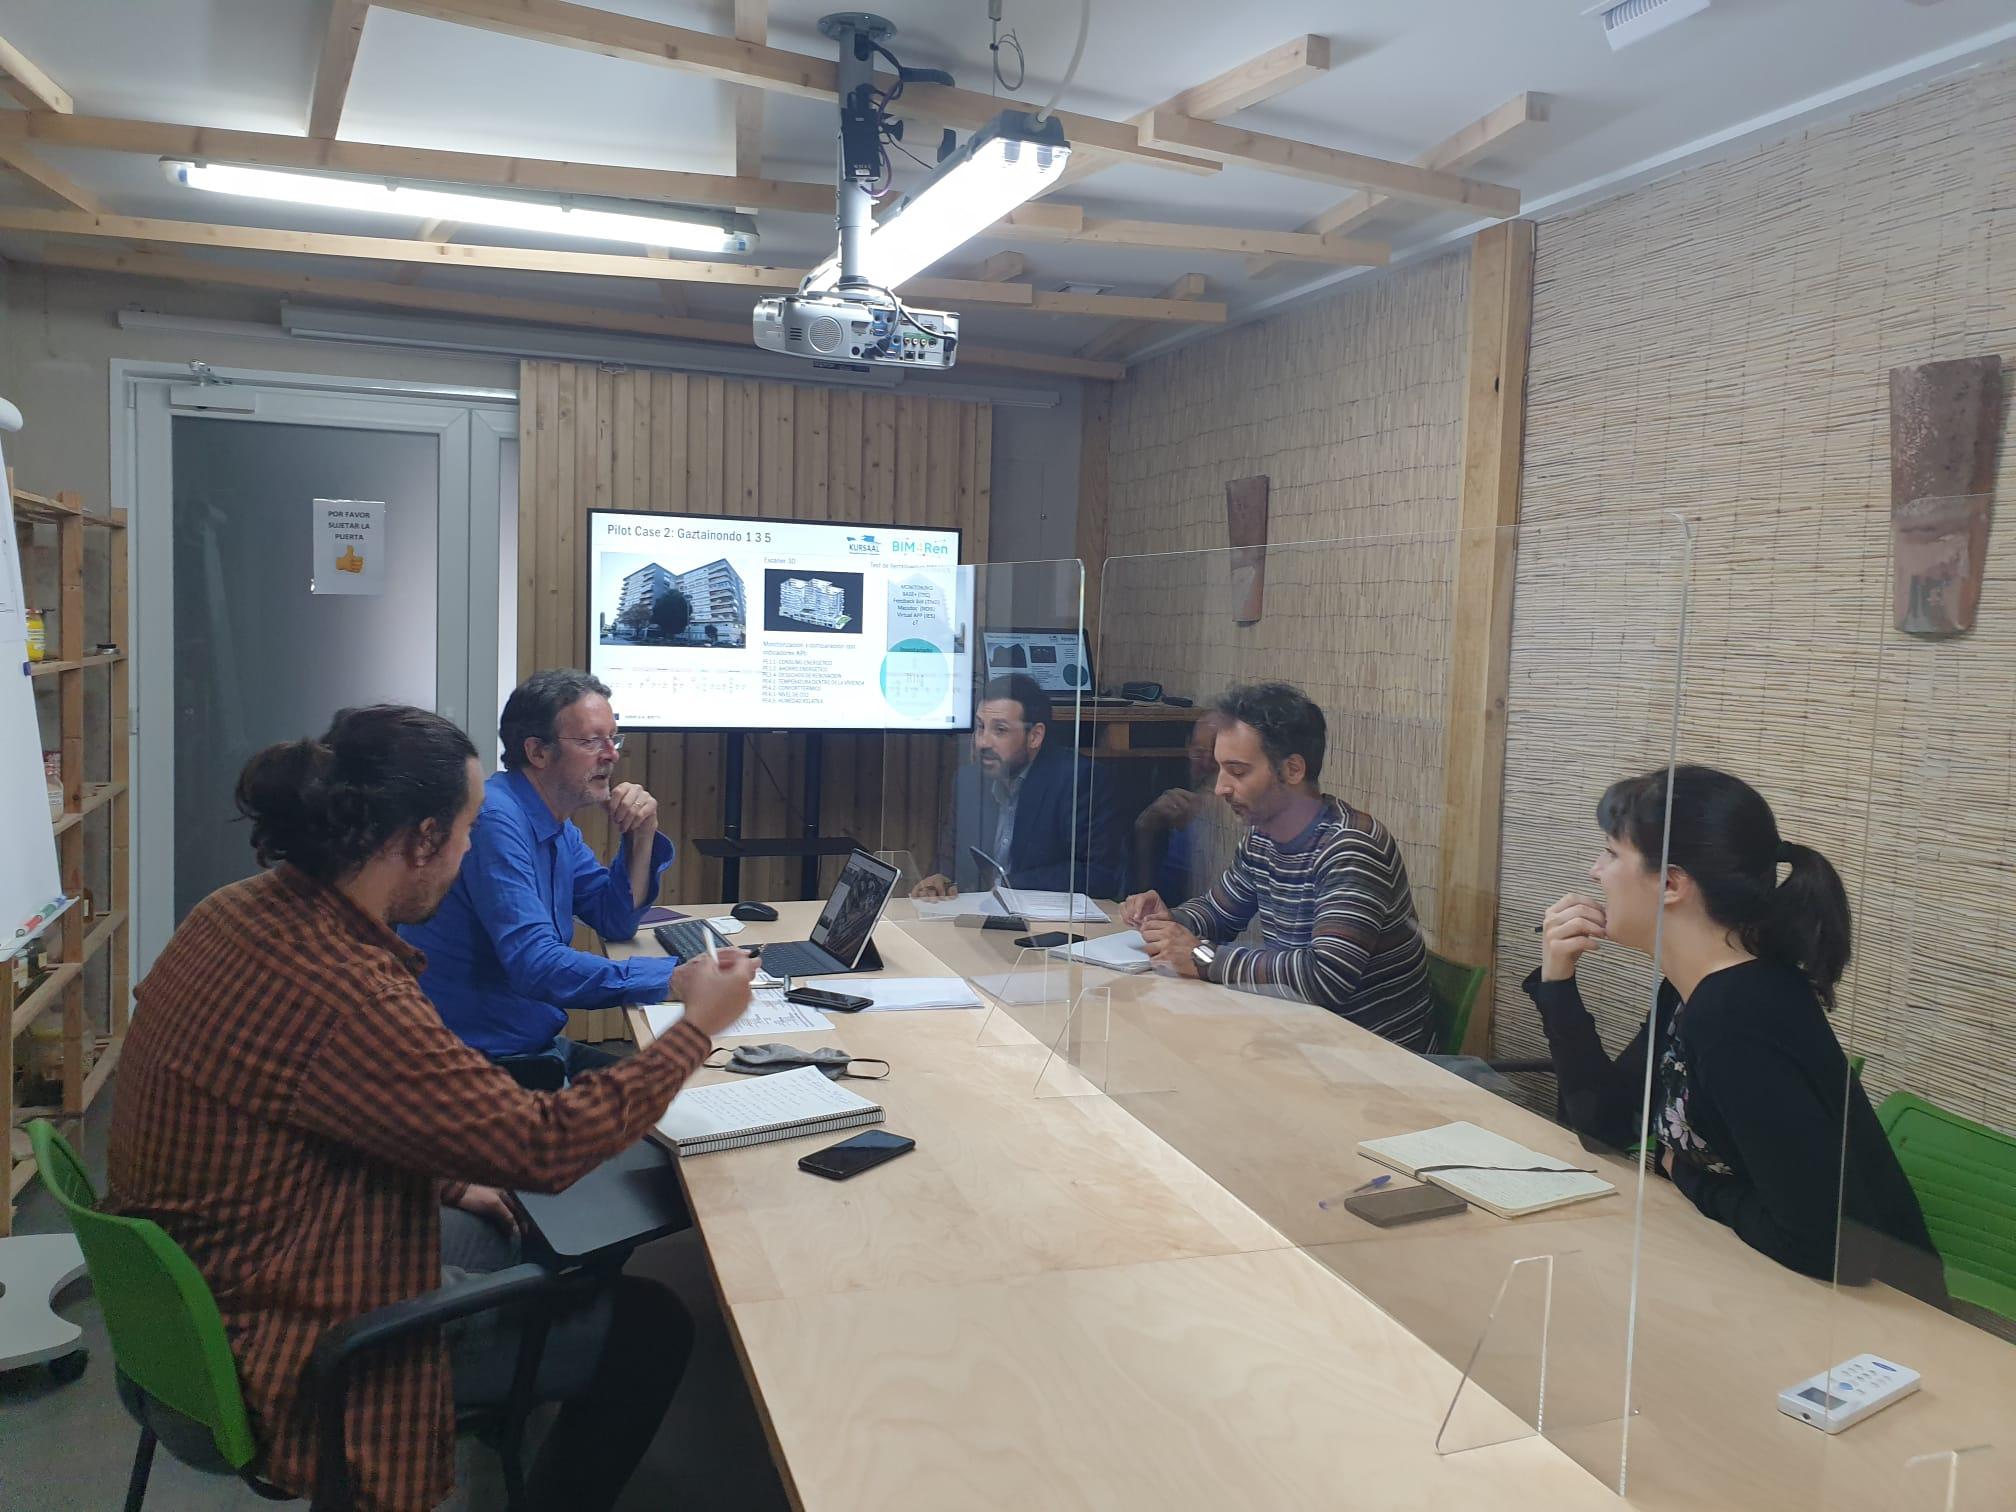 foto noticia: Organizamos junto a FRL Arquitectos un Living Lab entorno al proyecto BIM4Ren